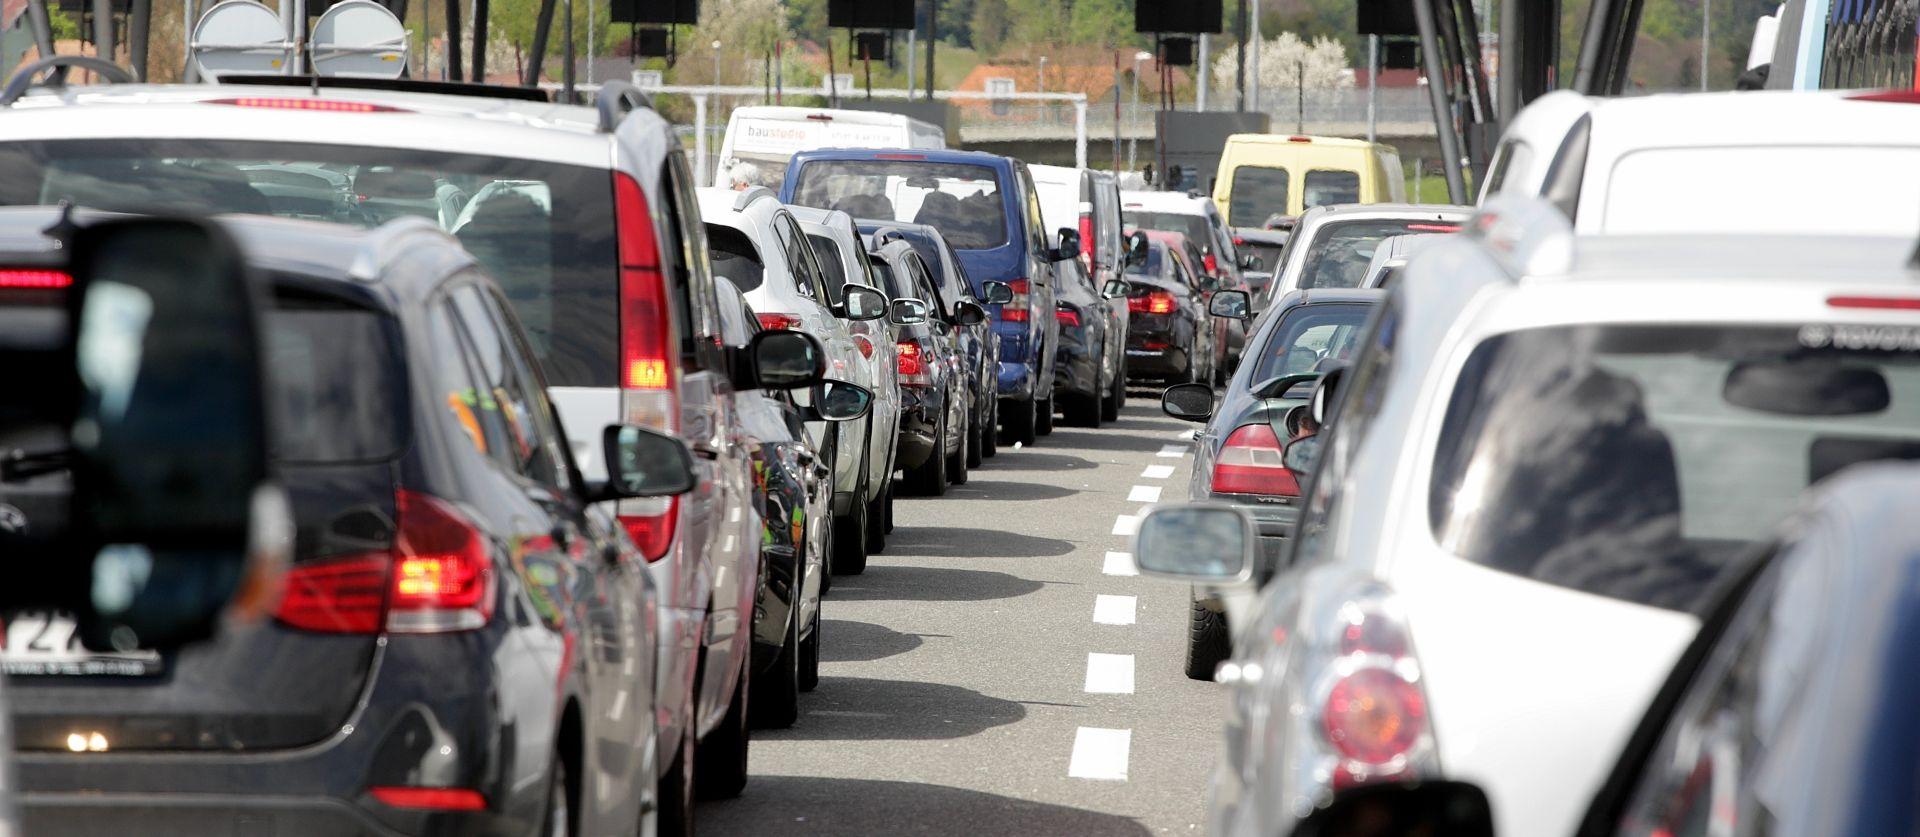 HAK Povoljni uvjeti za vožnju, prometna na A2, gužve na granicama